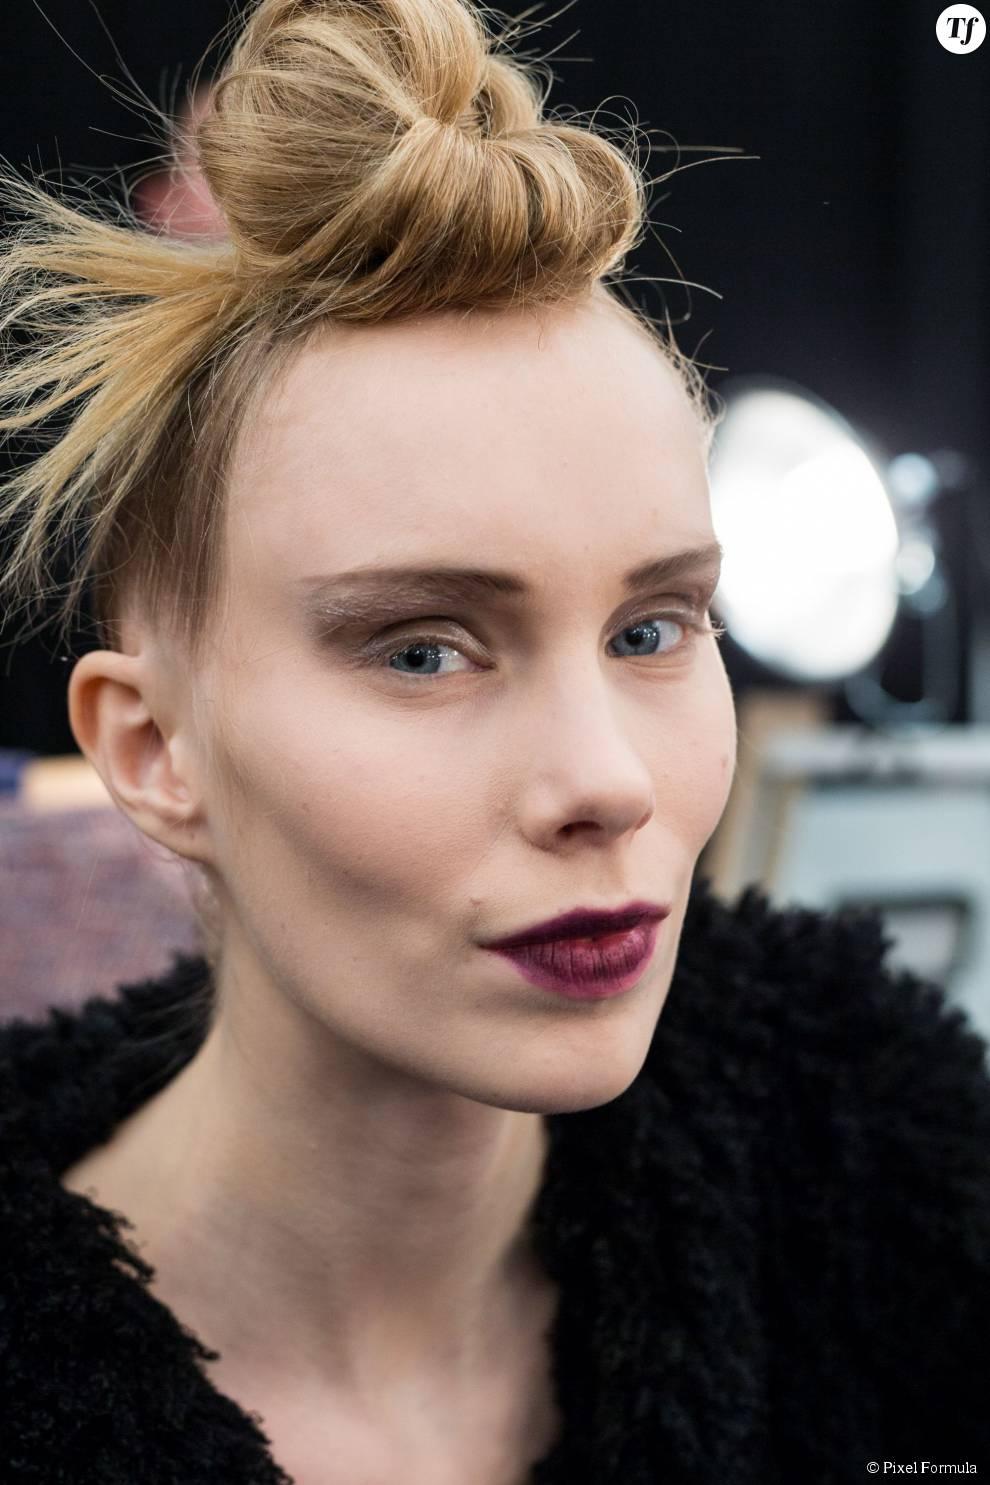 Bun décoiffé au défilé Marc Jacobs automne-hiver 2015-2016.